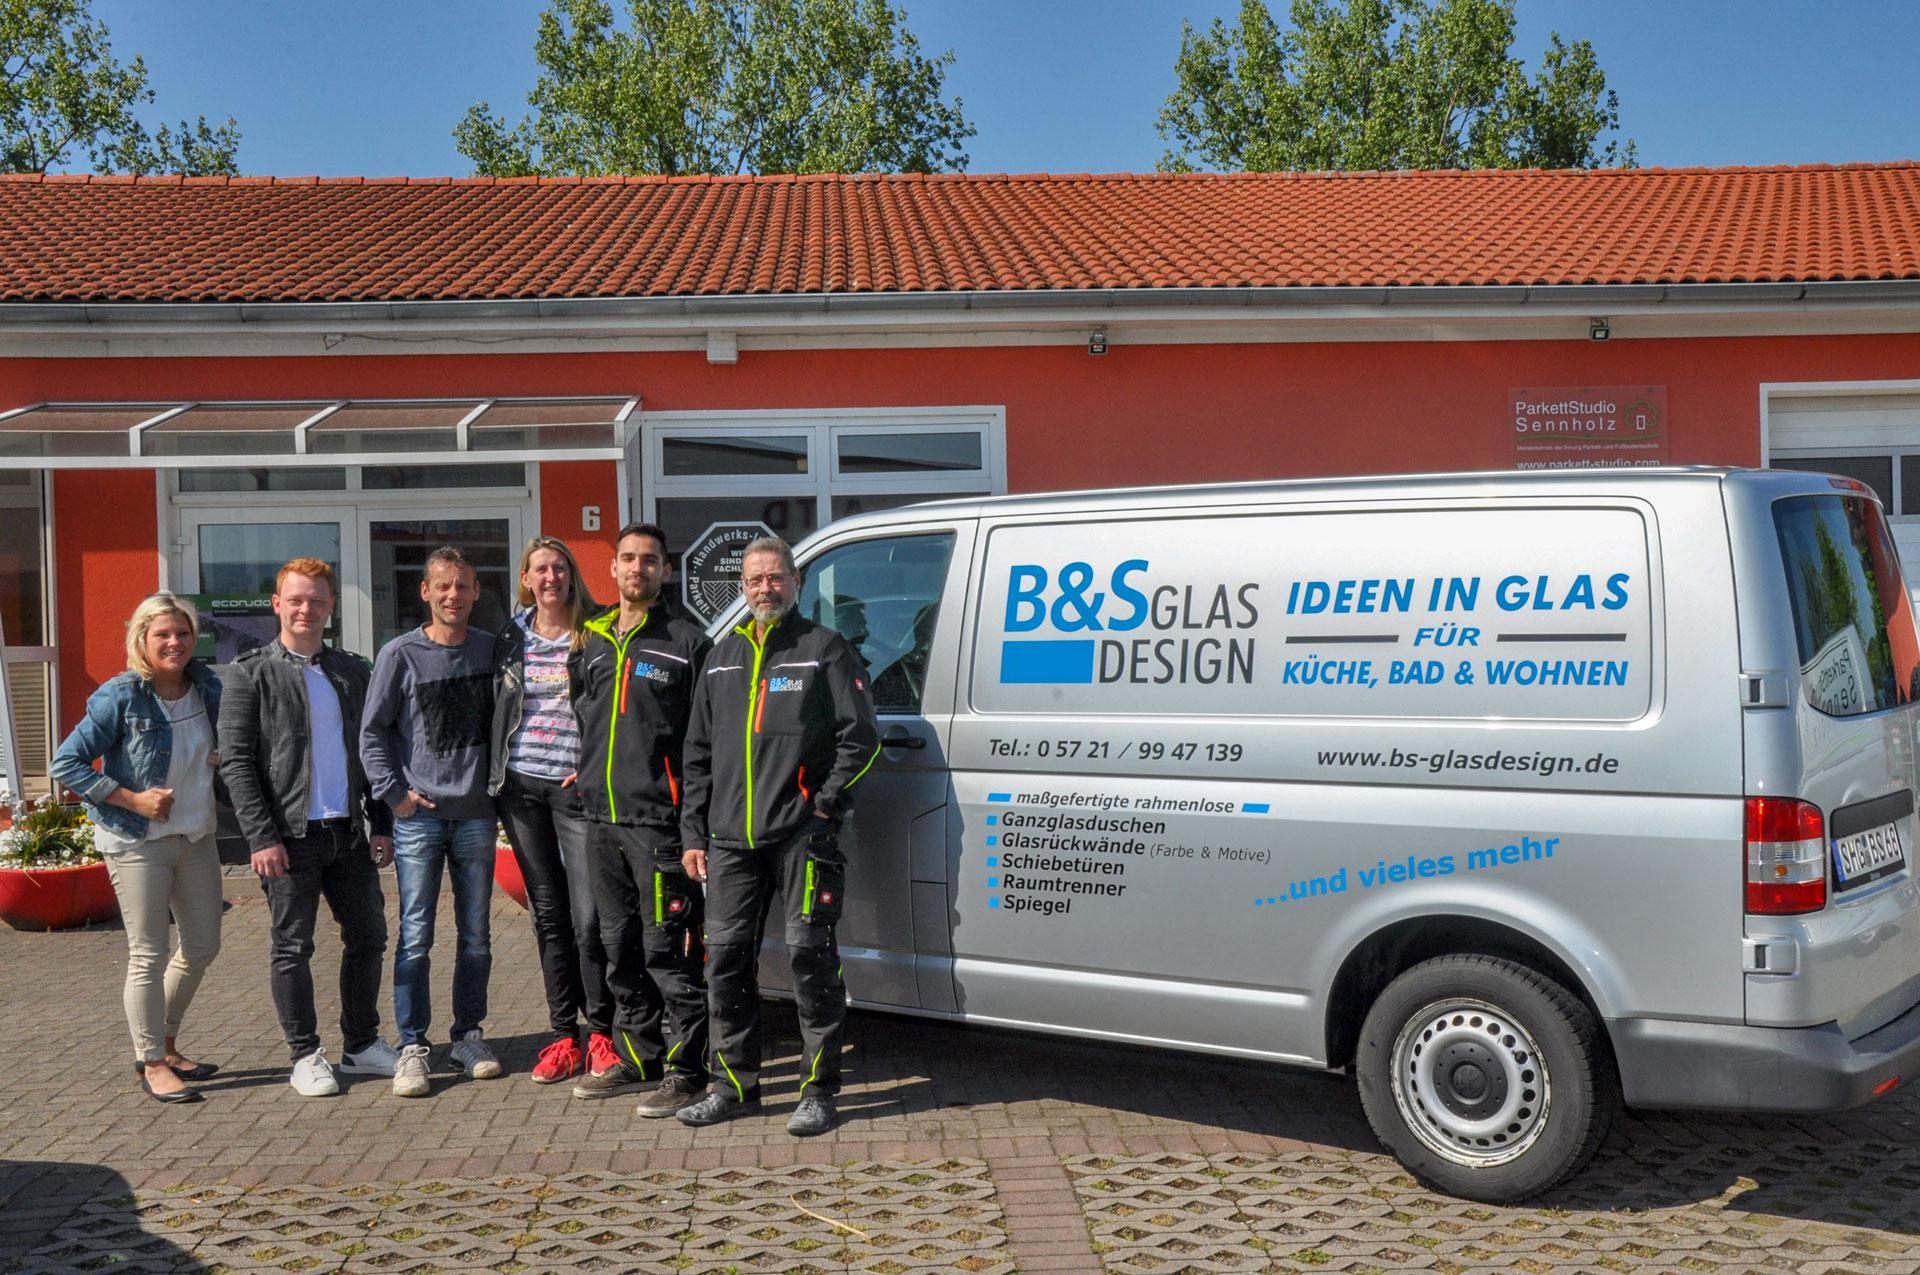 Ihr Team von B&S GLAS DESIGN